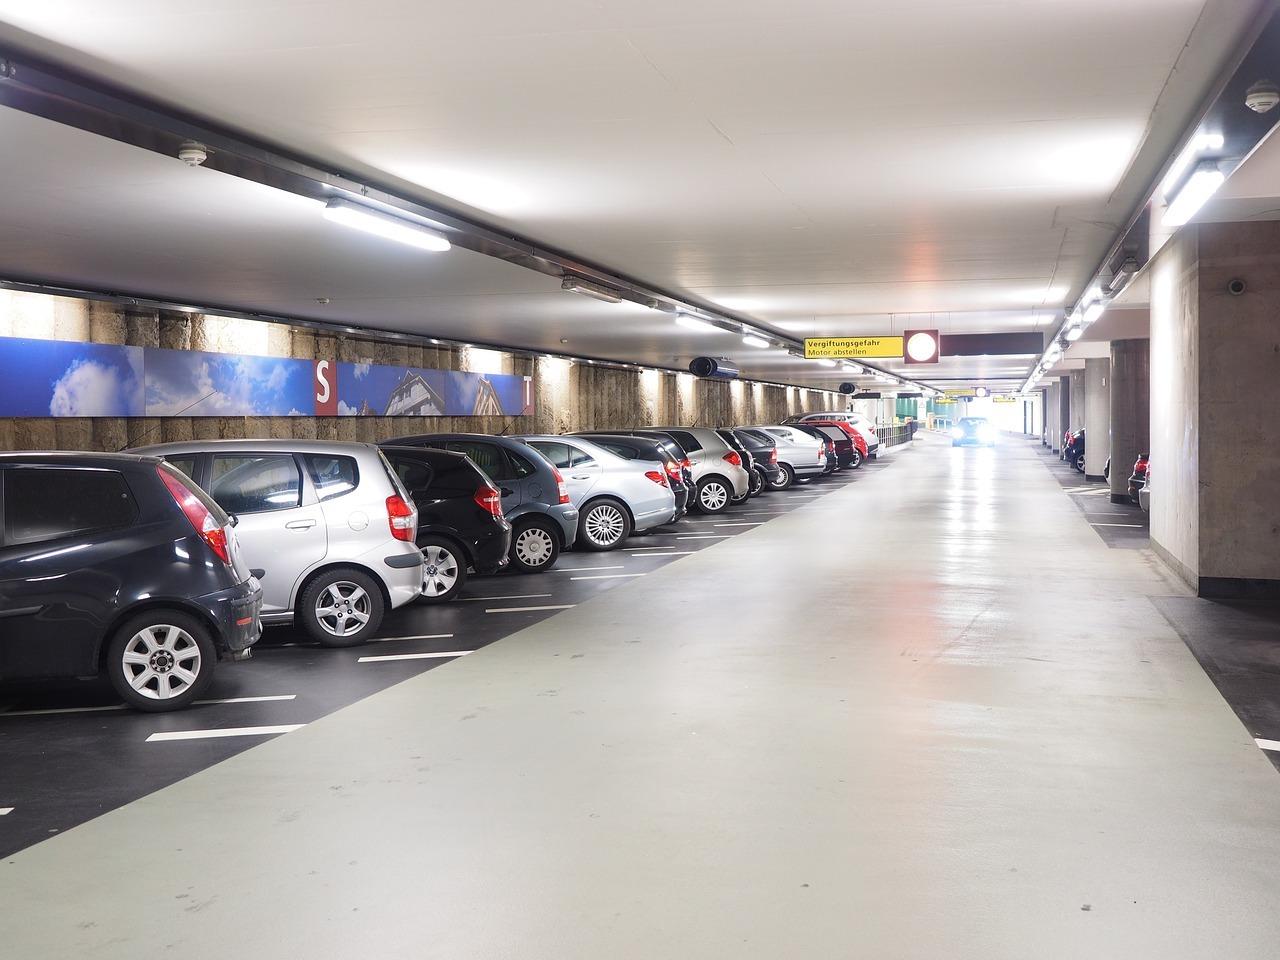 Parkhaus Leuchtstoffröhren